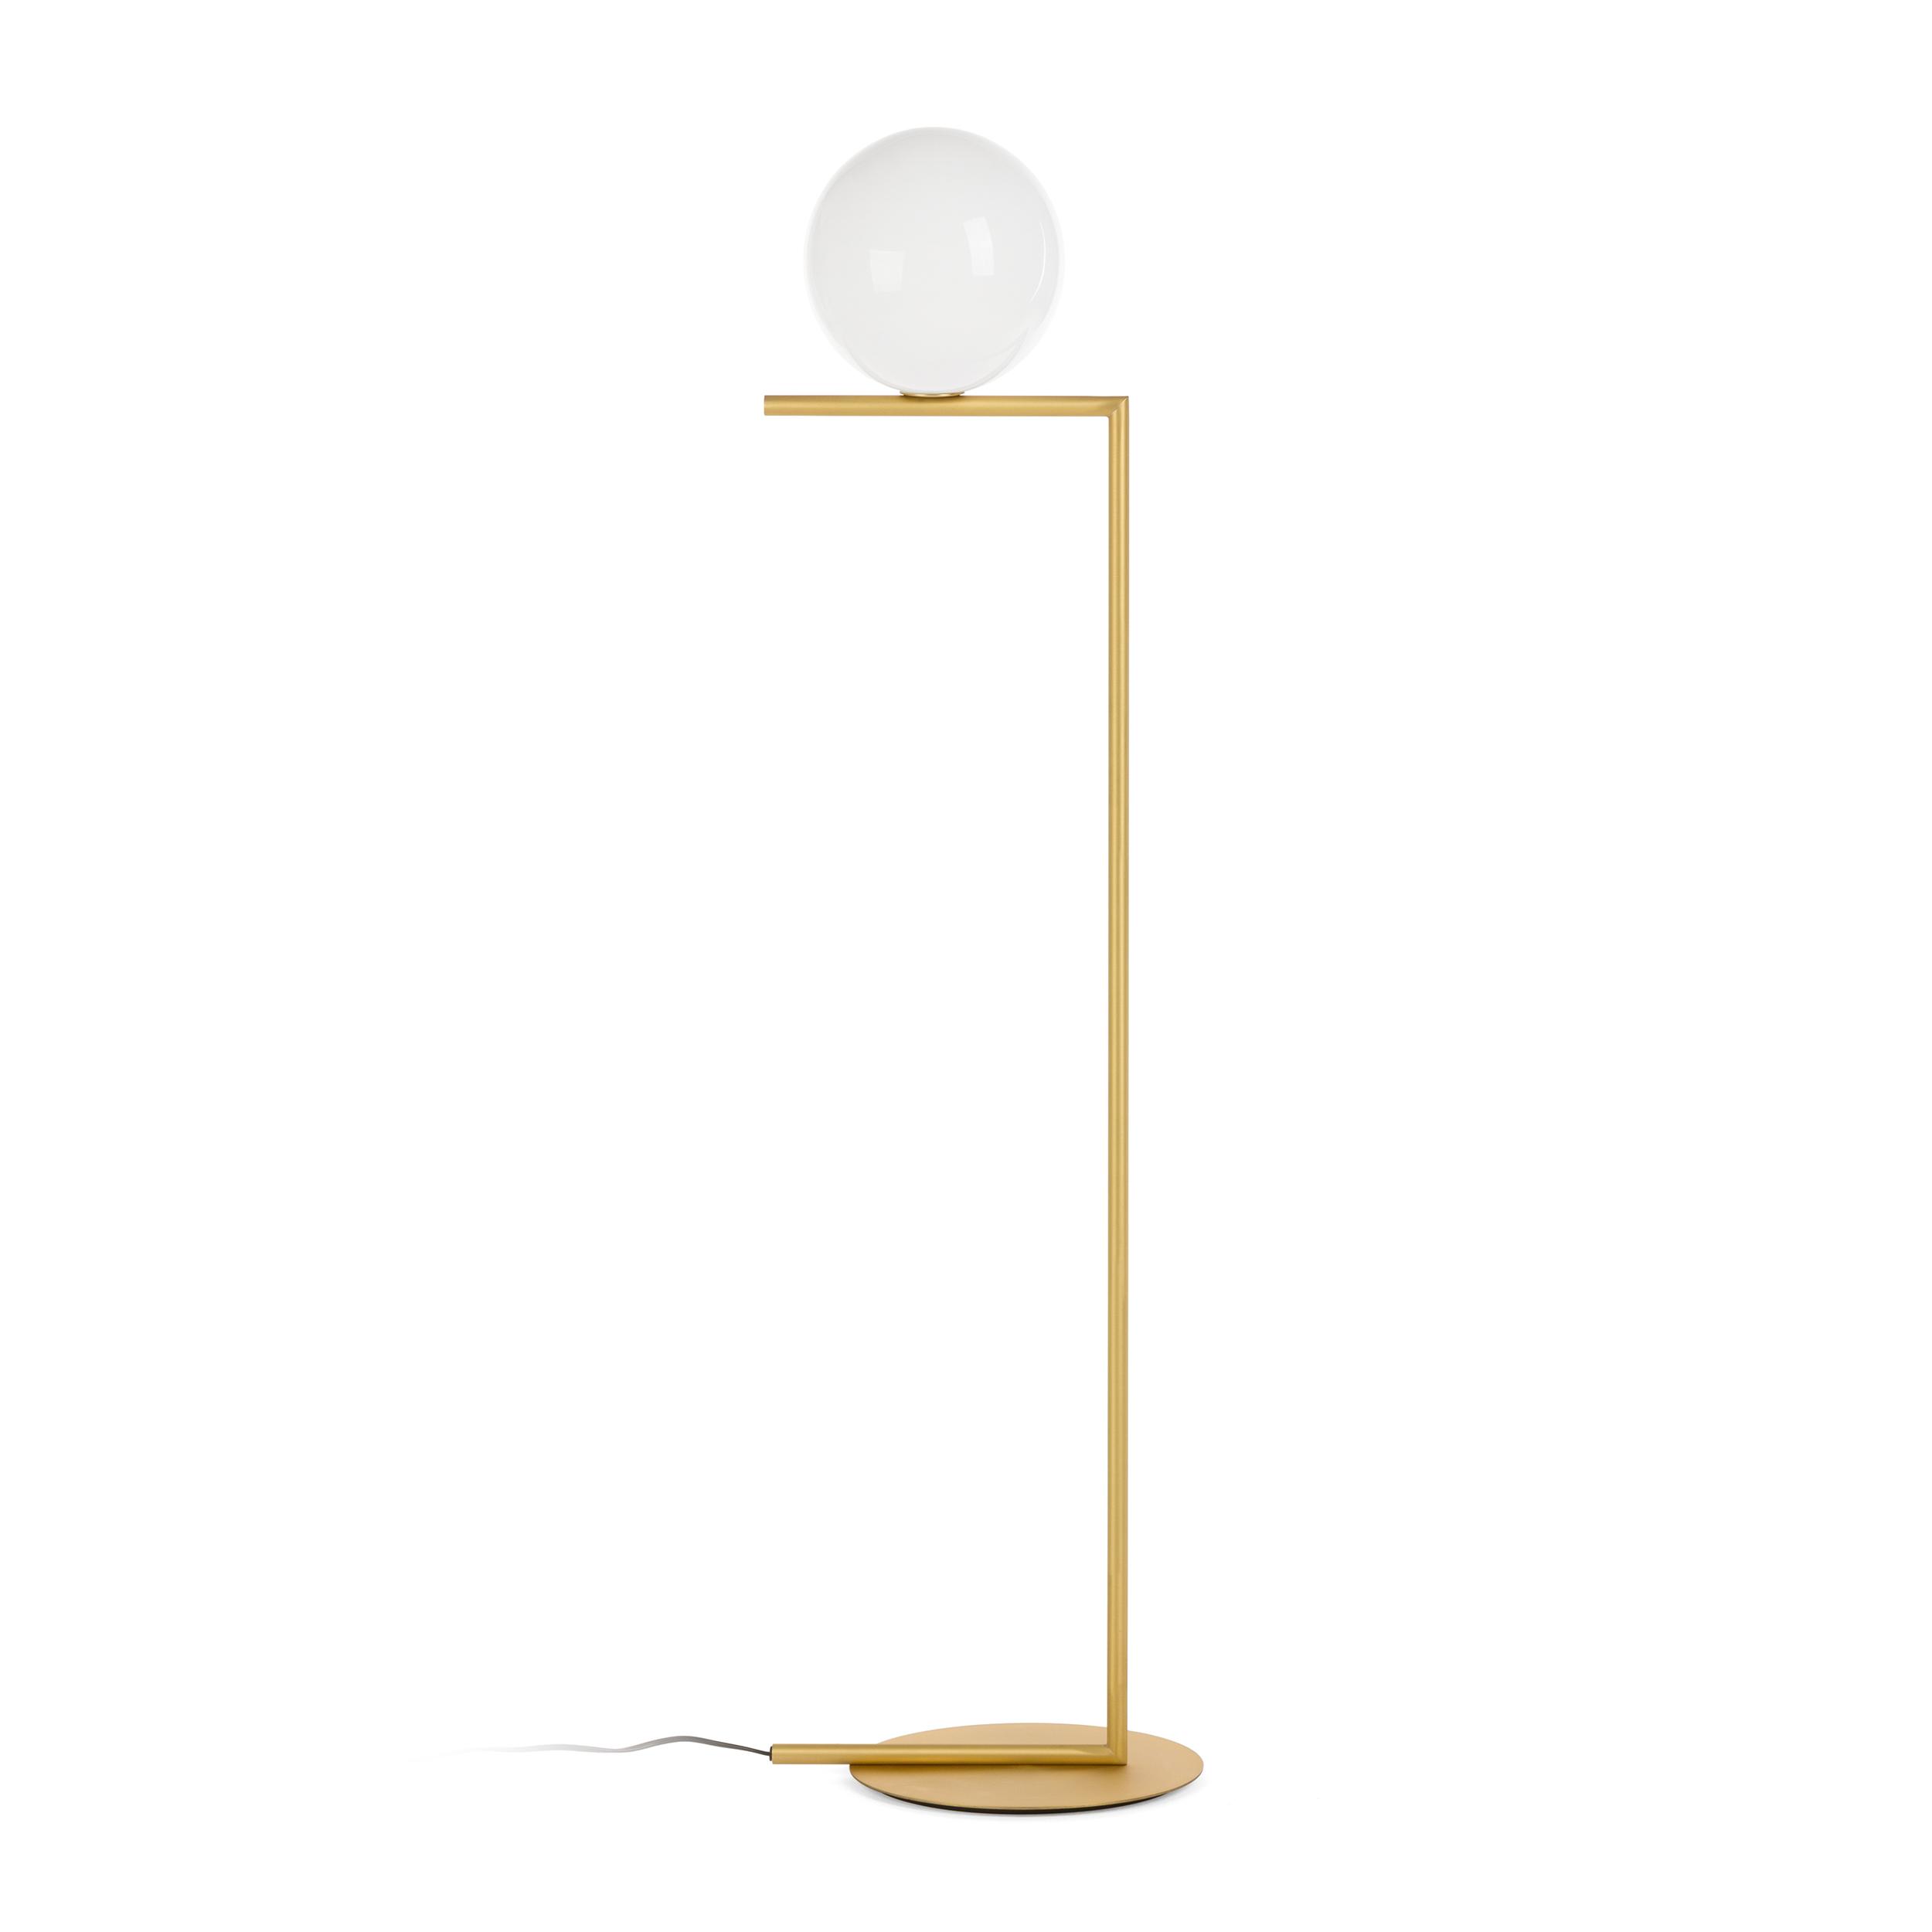 Напольный светильник Cosmo Cricket ML10563 1 200T